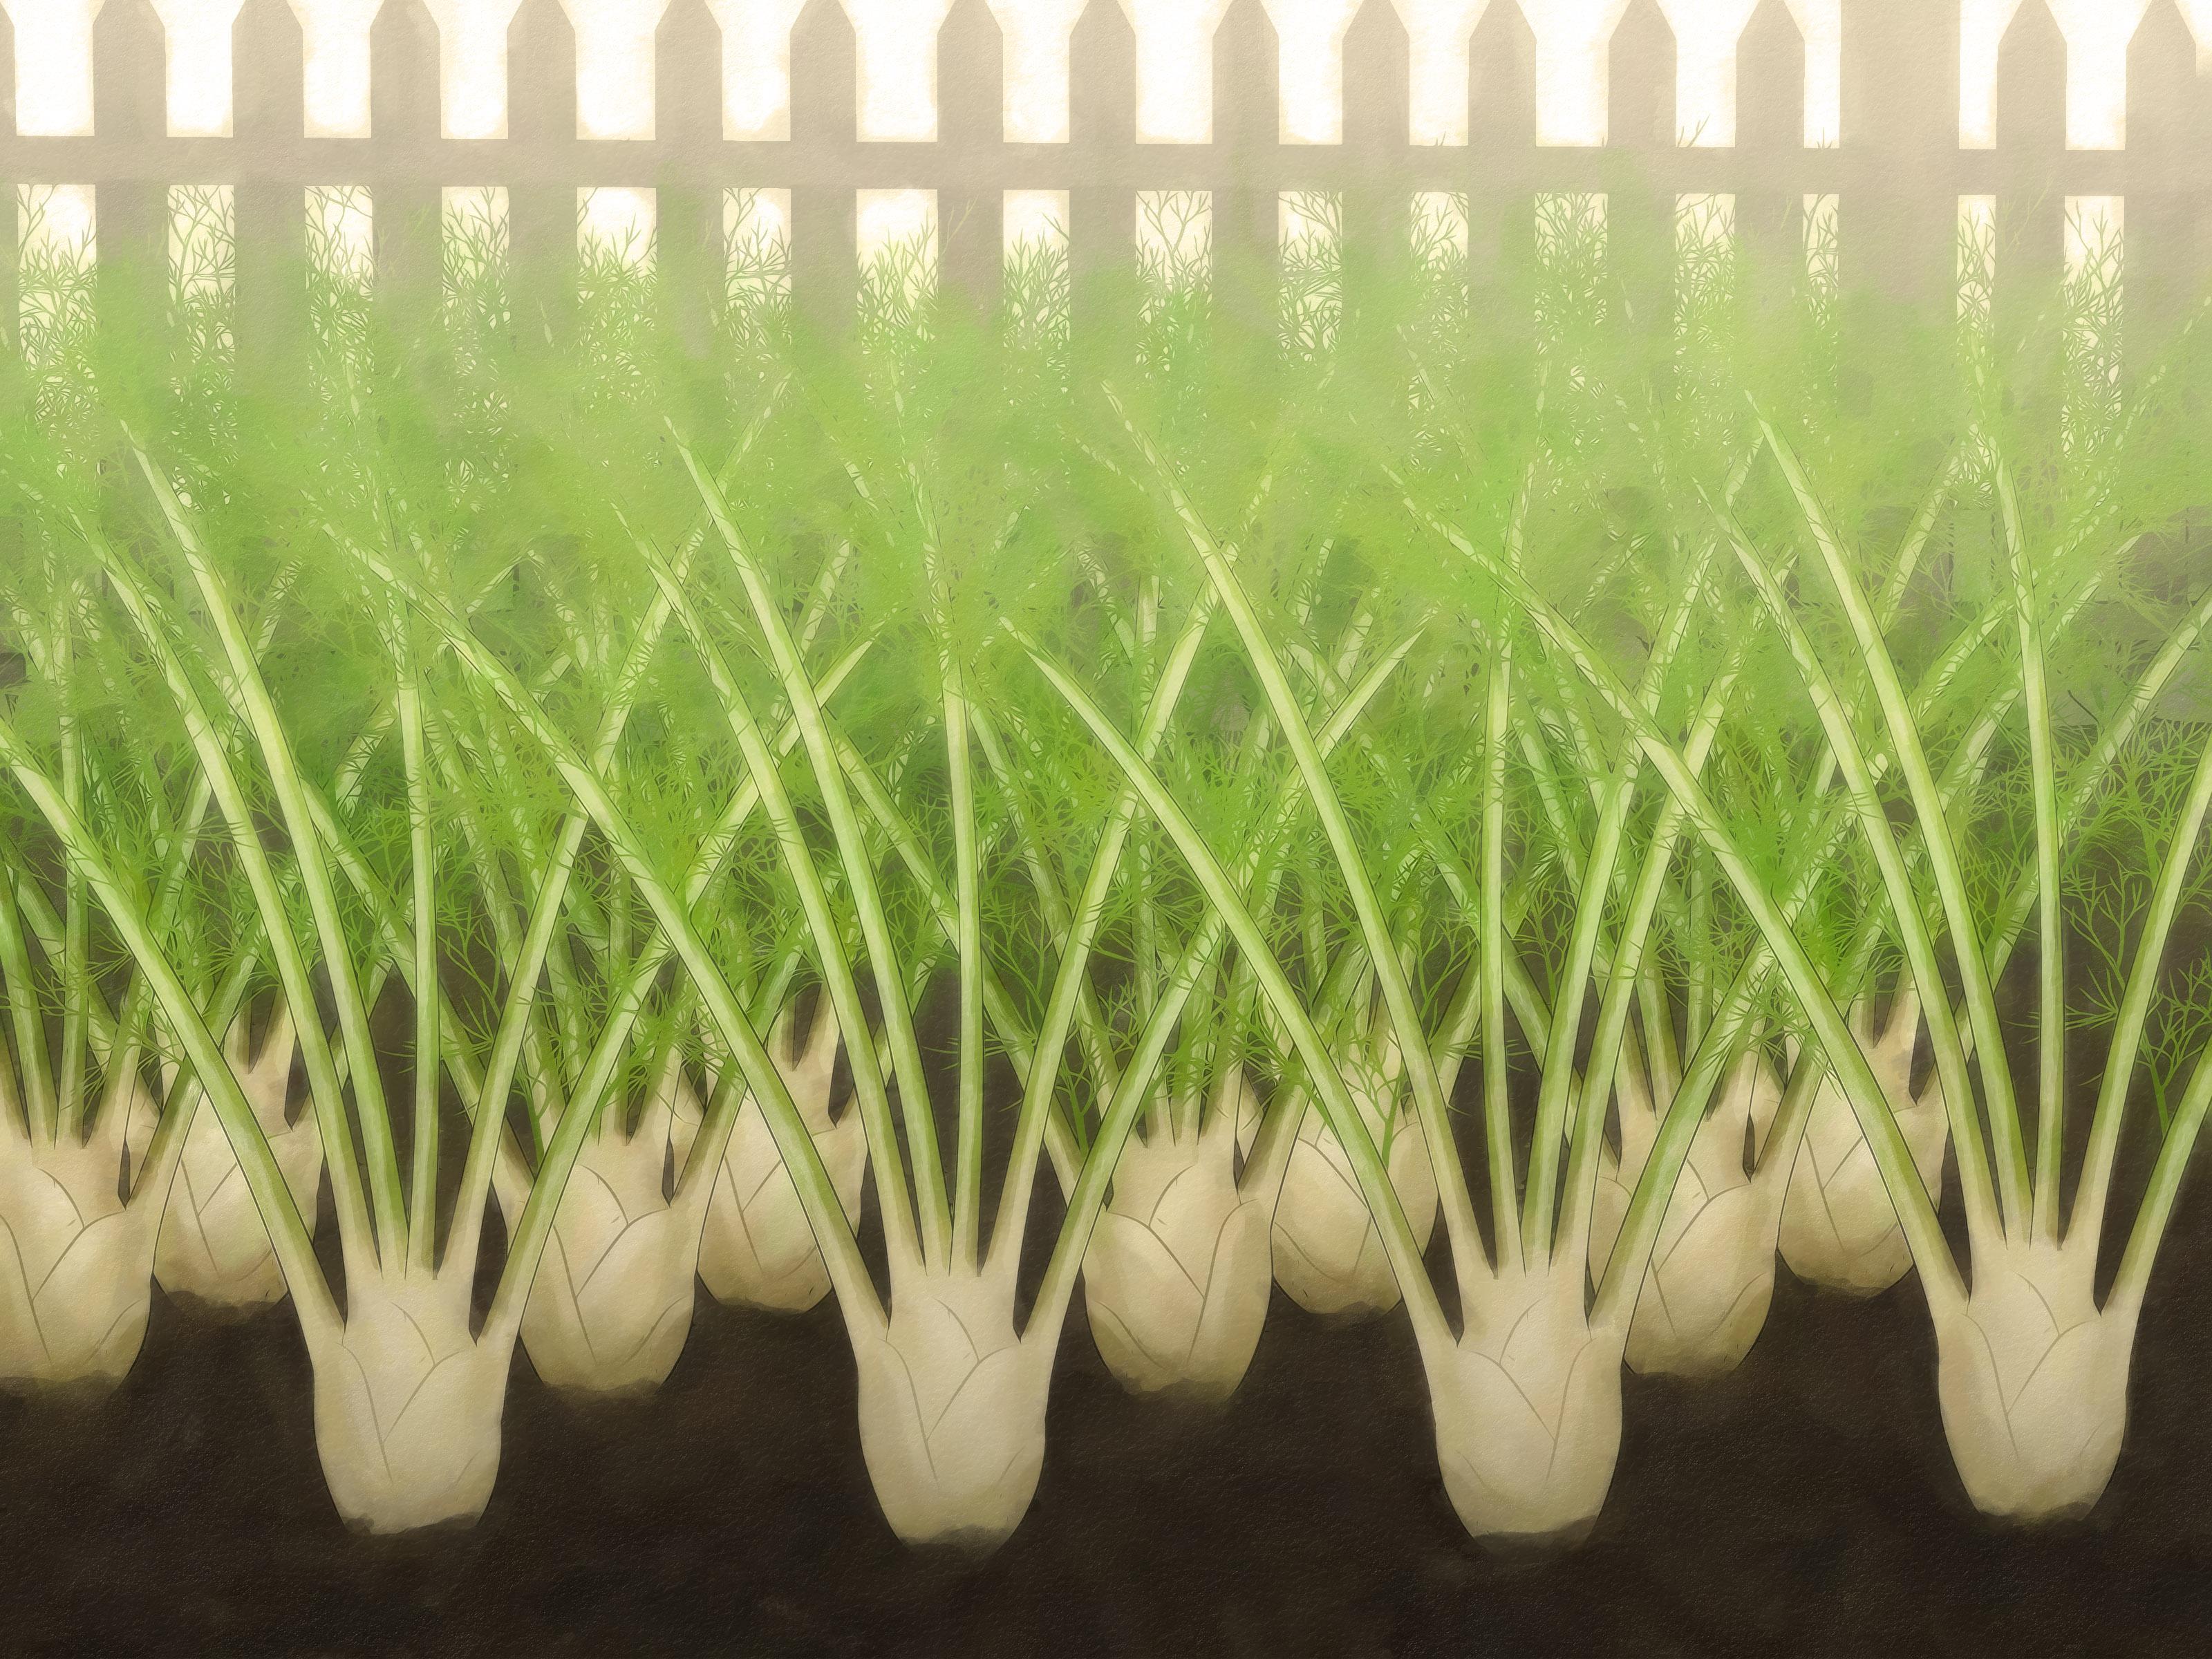 Фенхель обыкновенный и овощной: что это такое, каковы другие названия растения, какие у него корни и цветки, как трава выглядит на фото, есть ли разница с анисом?